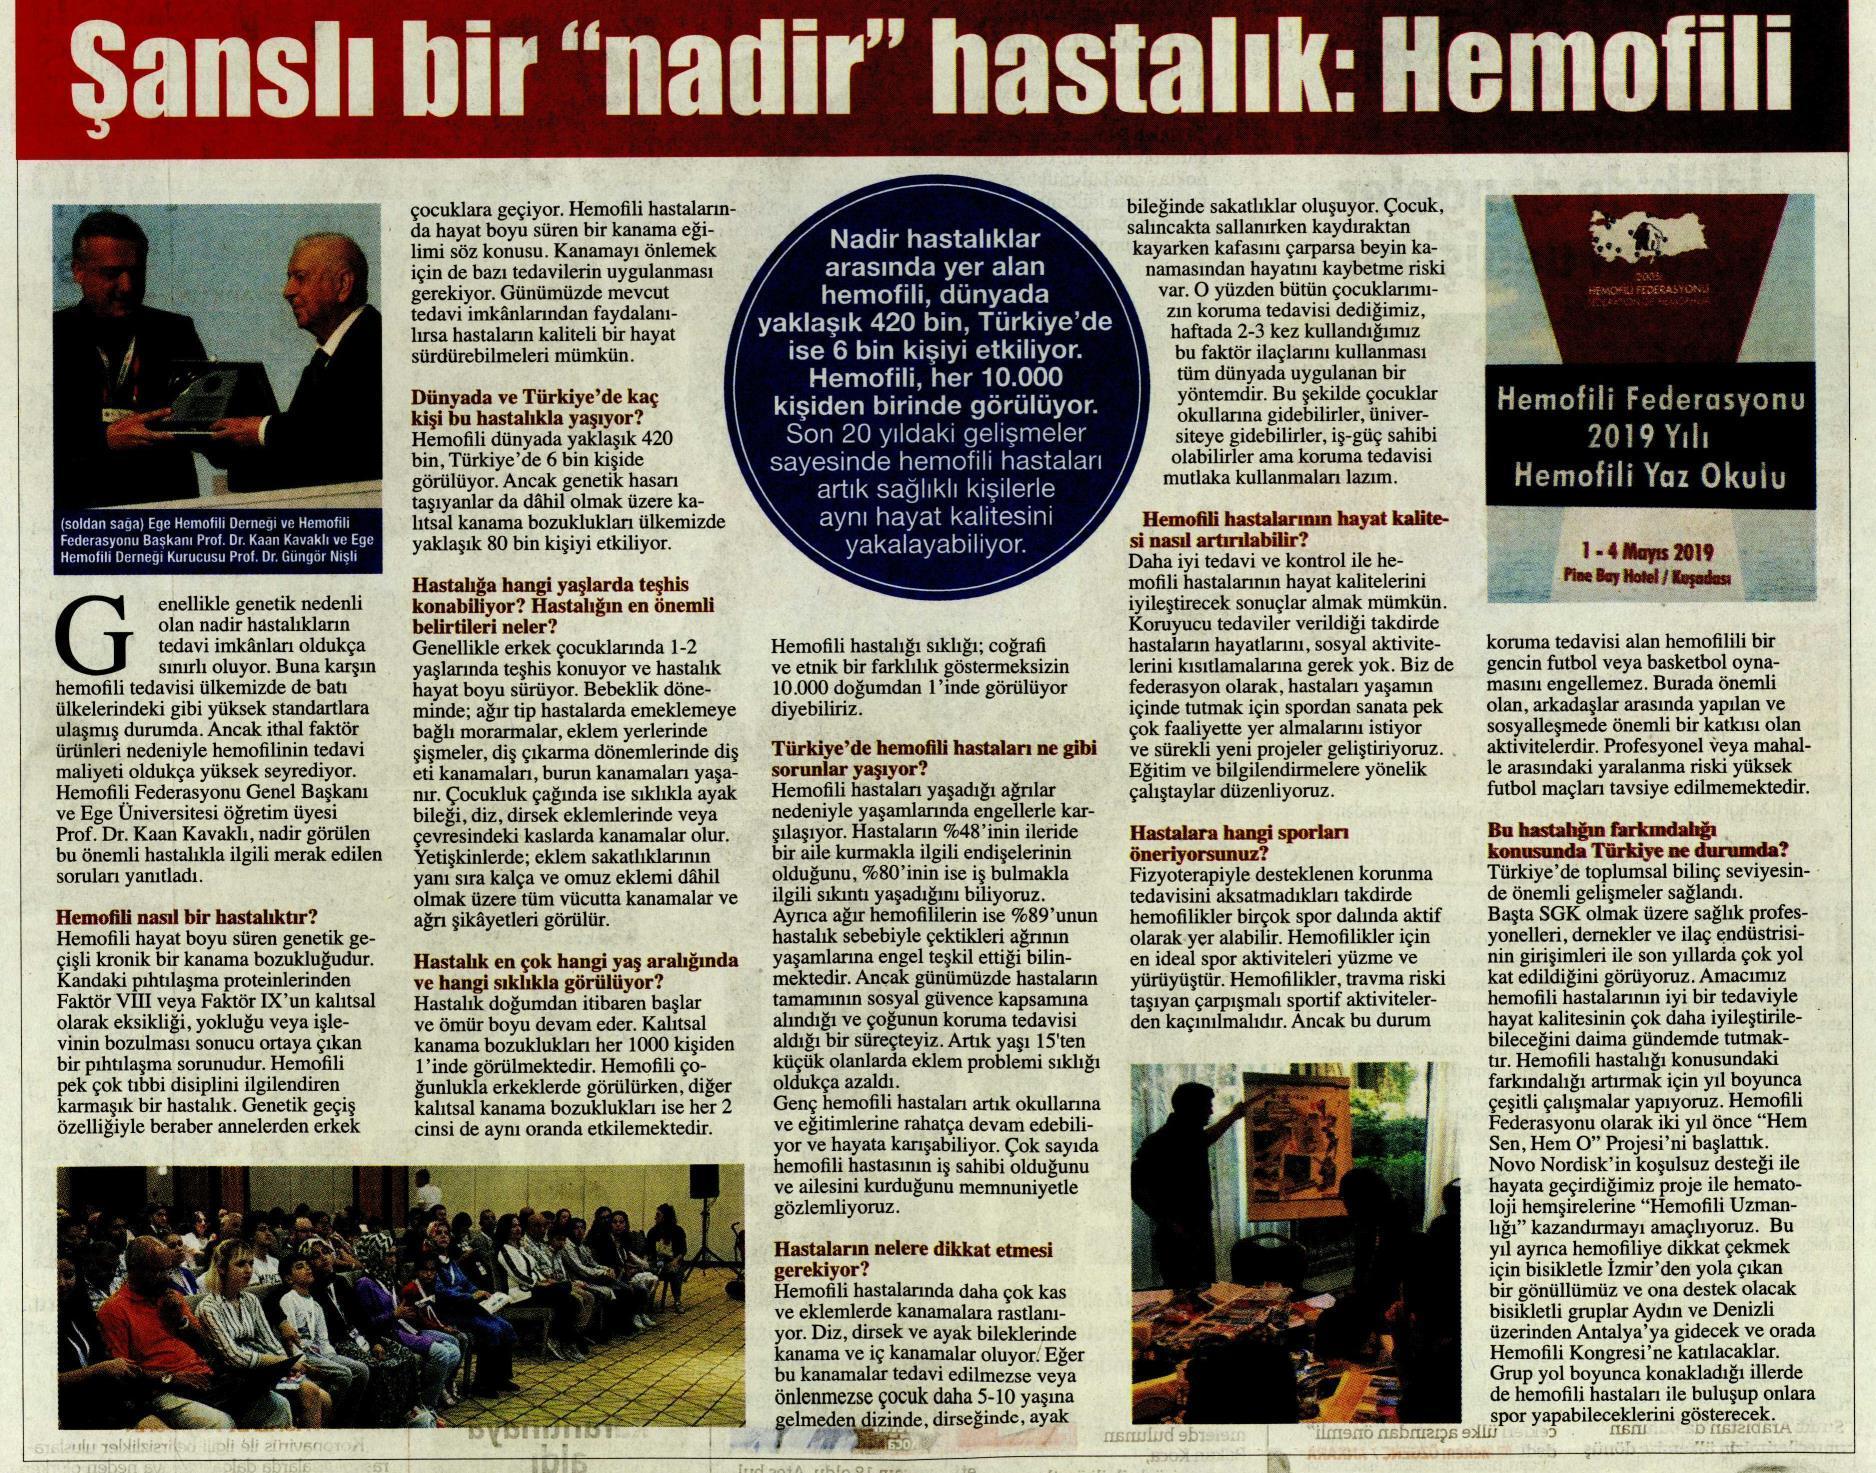 Hürriyet - Şanslı bir nadir hastalık: Hemofili